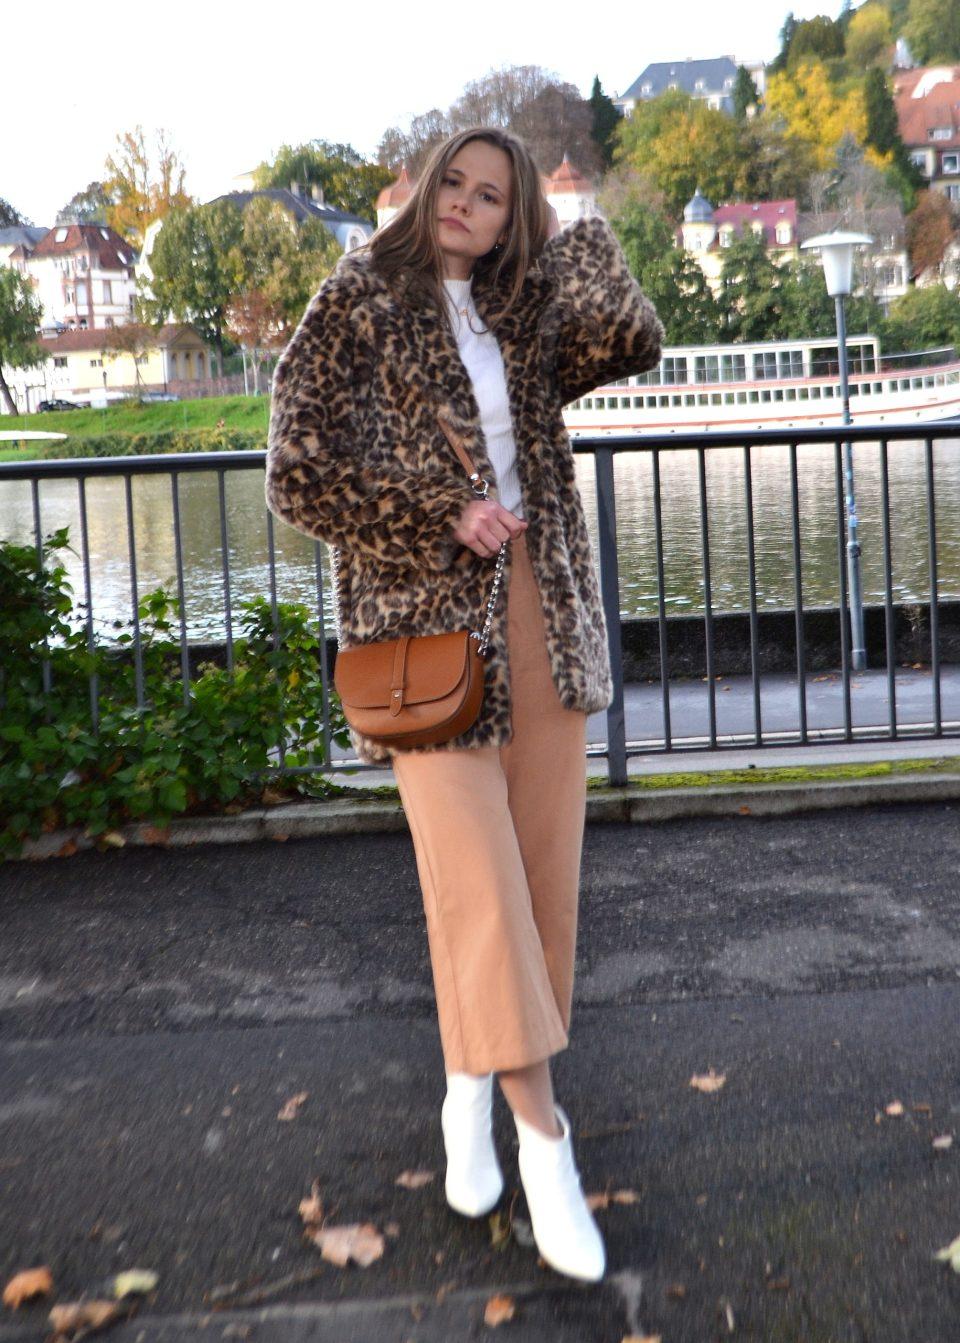 Herbst und Winter: Kombi aus den Farben Braun und Weiß mit auffälligem Leo-Mantel